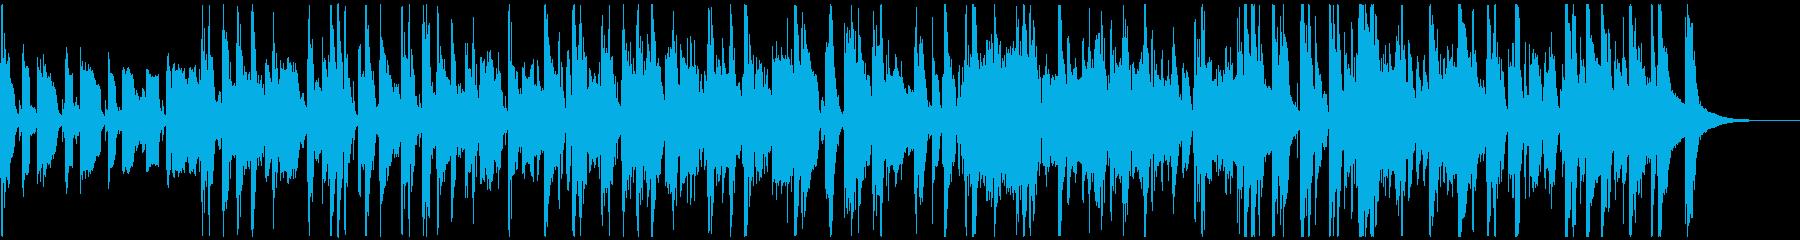 エレキ・スラップ・シェイカー・ロックの再生済みの波形